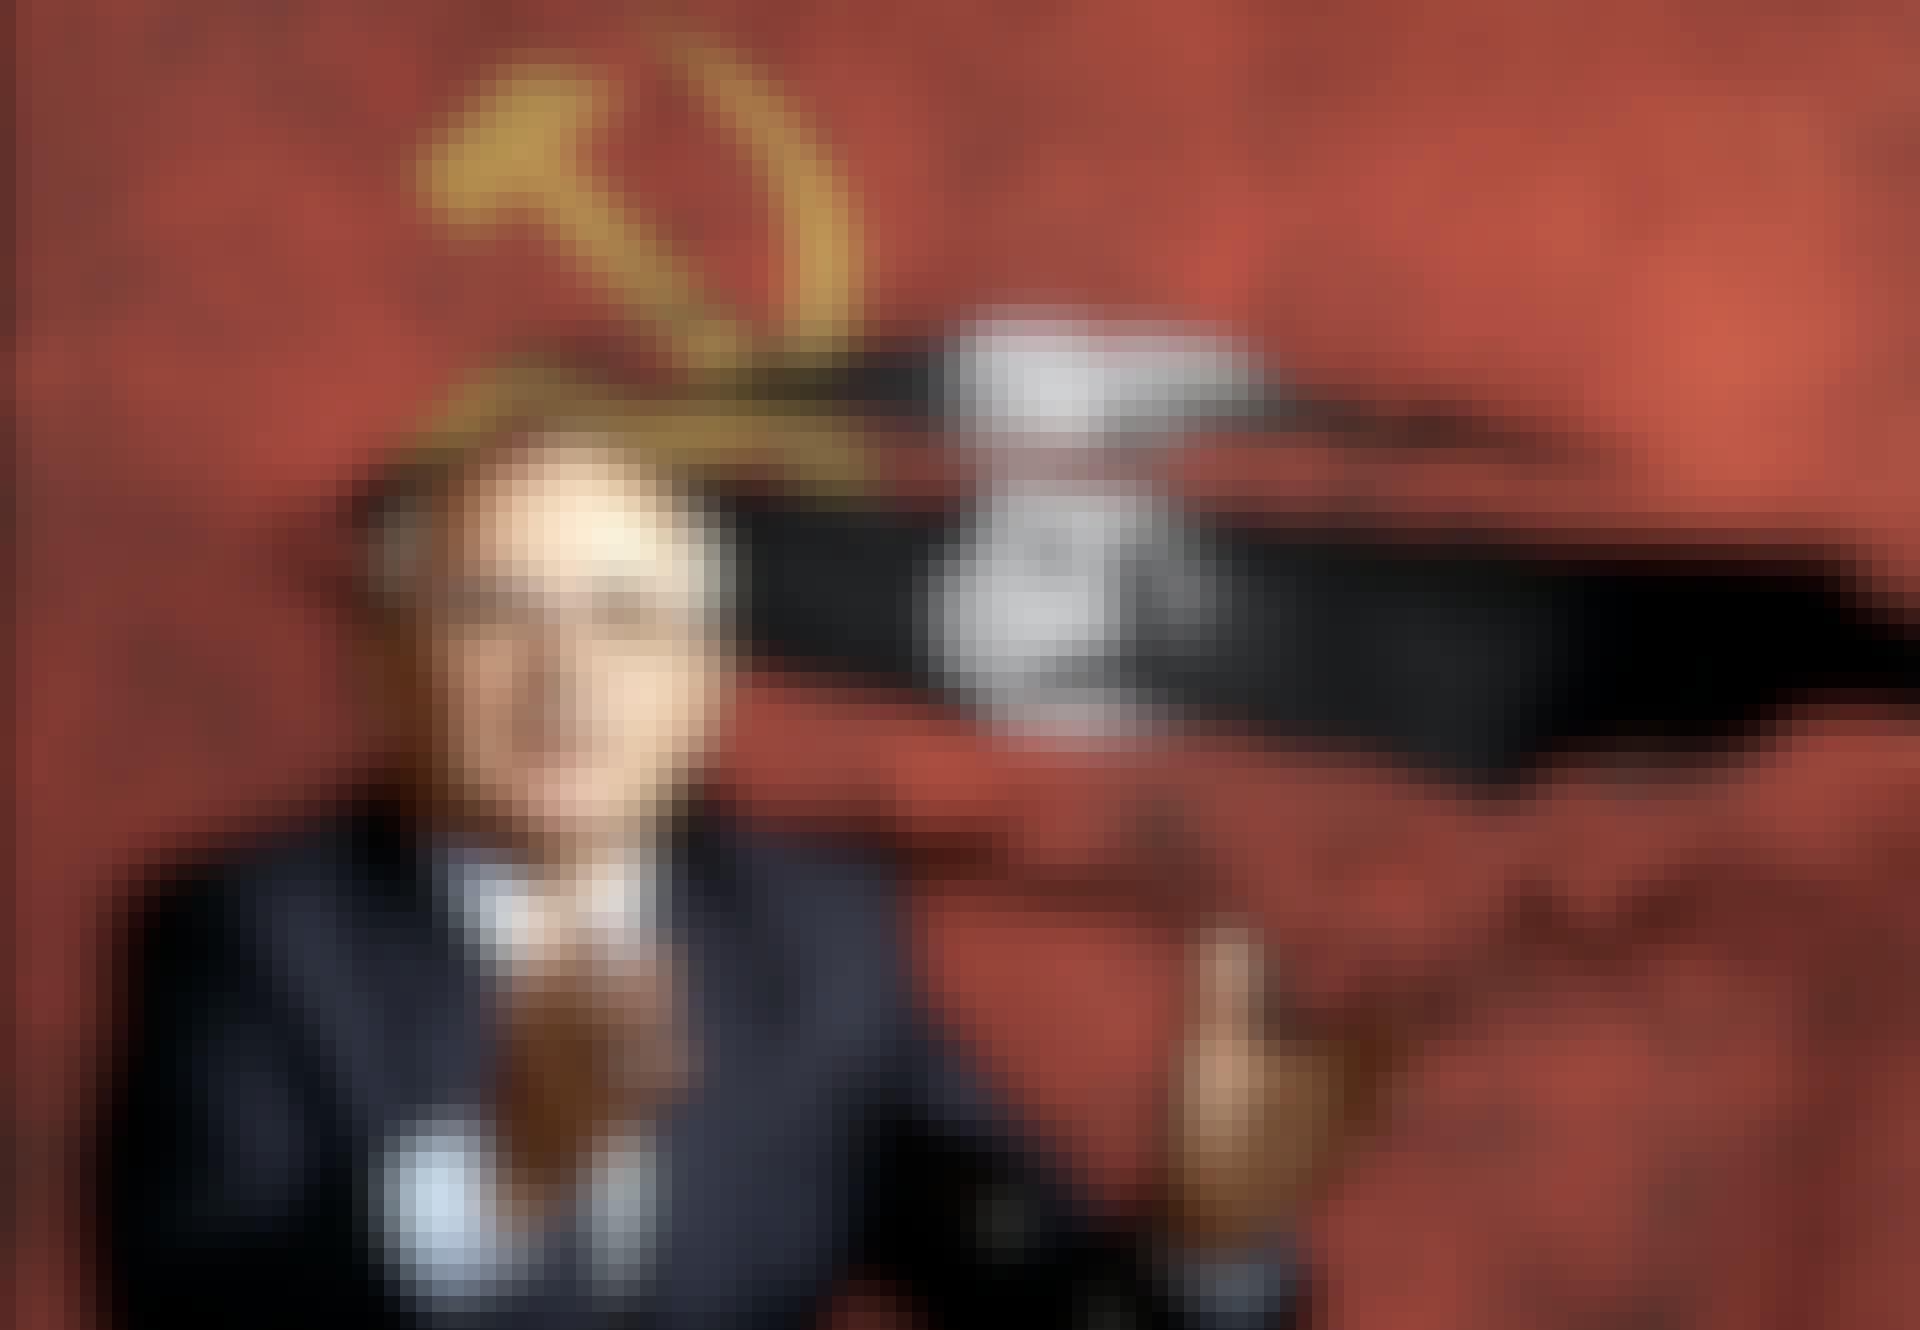 Stalin kikker på Gorbatsjov gjennom flenge i rødt flagg